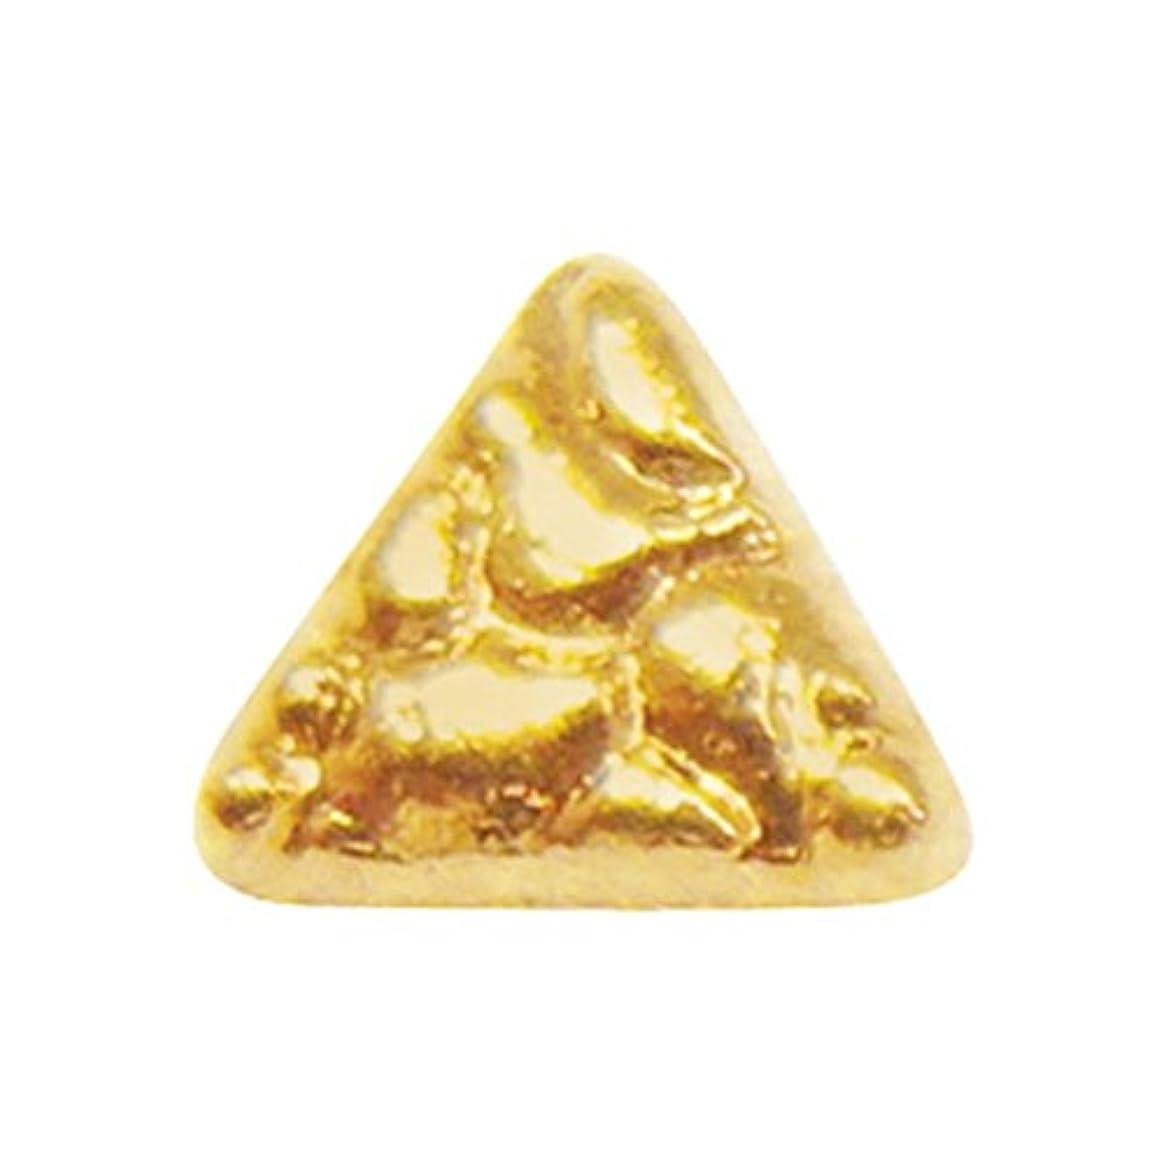 延期するメディックワックスジェルネイル  サンシャインベビー アンティーク トライアングル(ゴールド) 10P